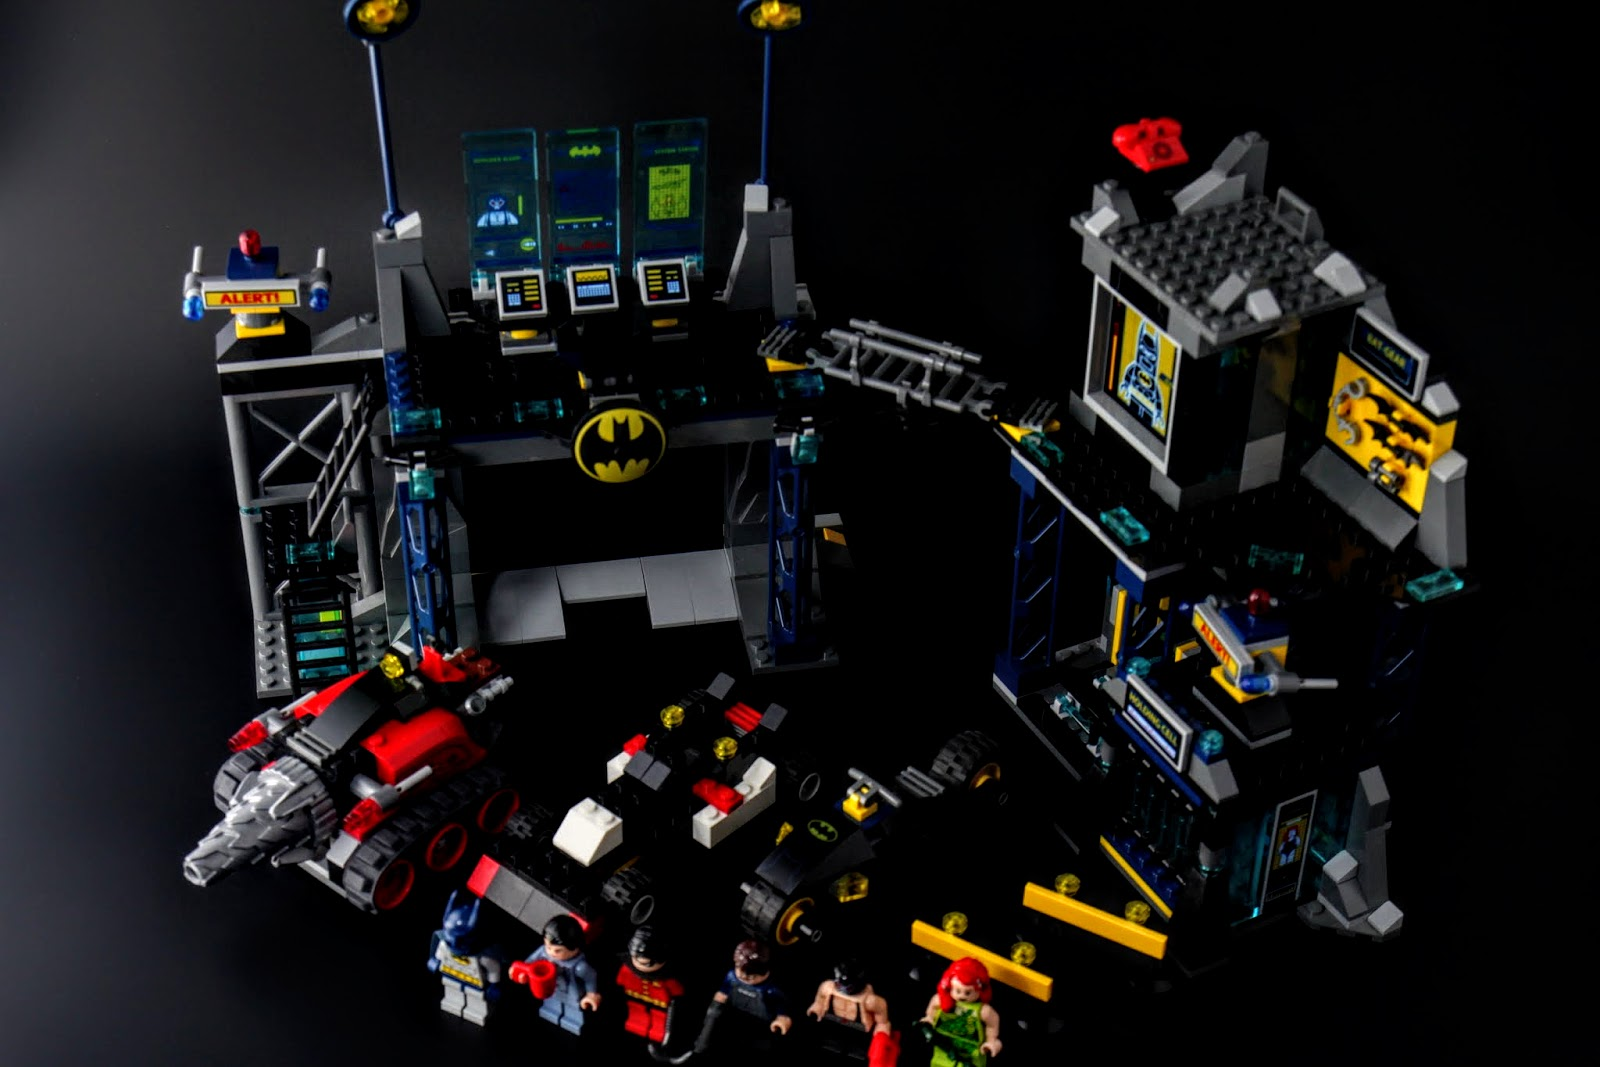 一天又這樣平安的過去,感謝蝙蝠俠&羅賓